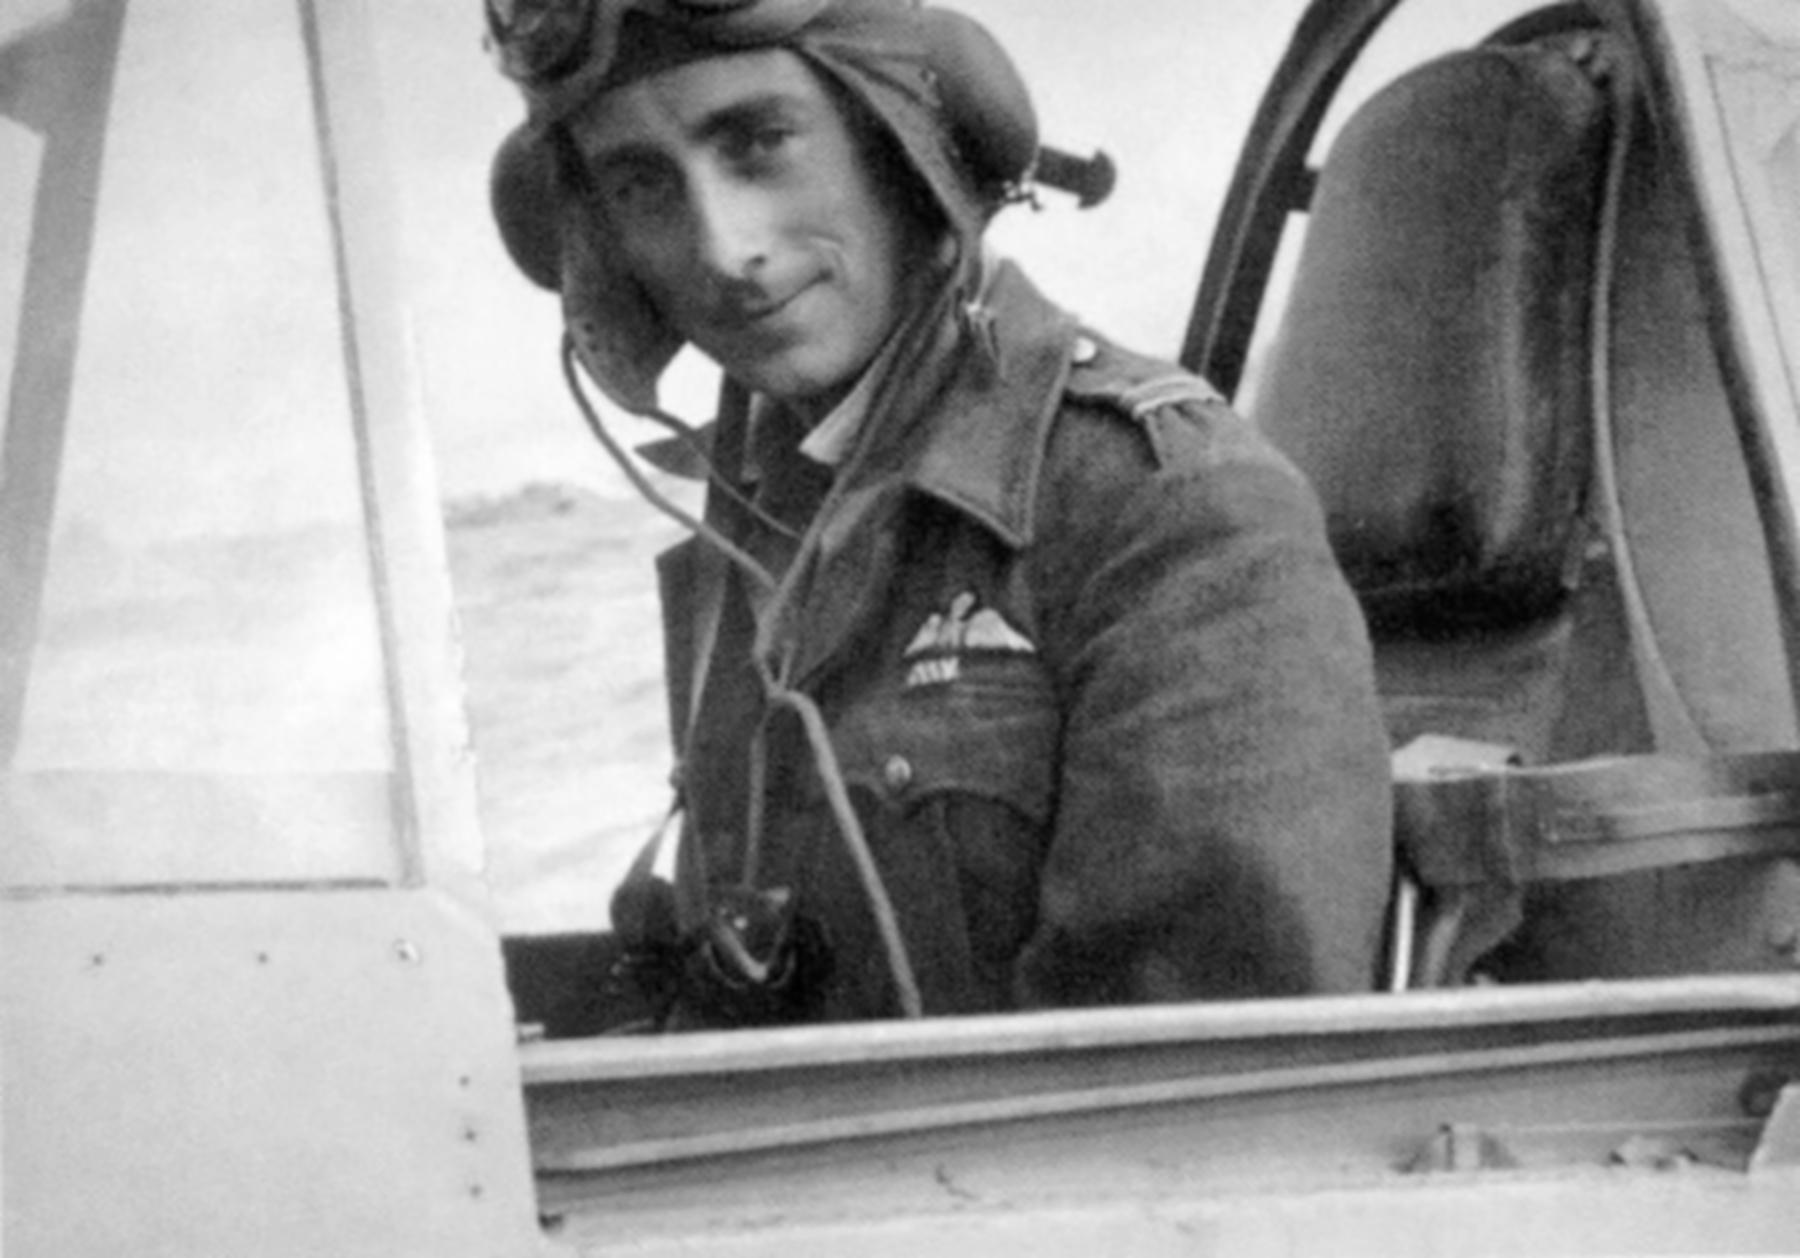 Aircrew RAF Neville Duke 01